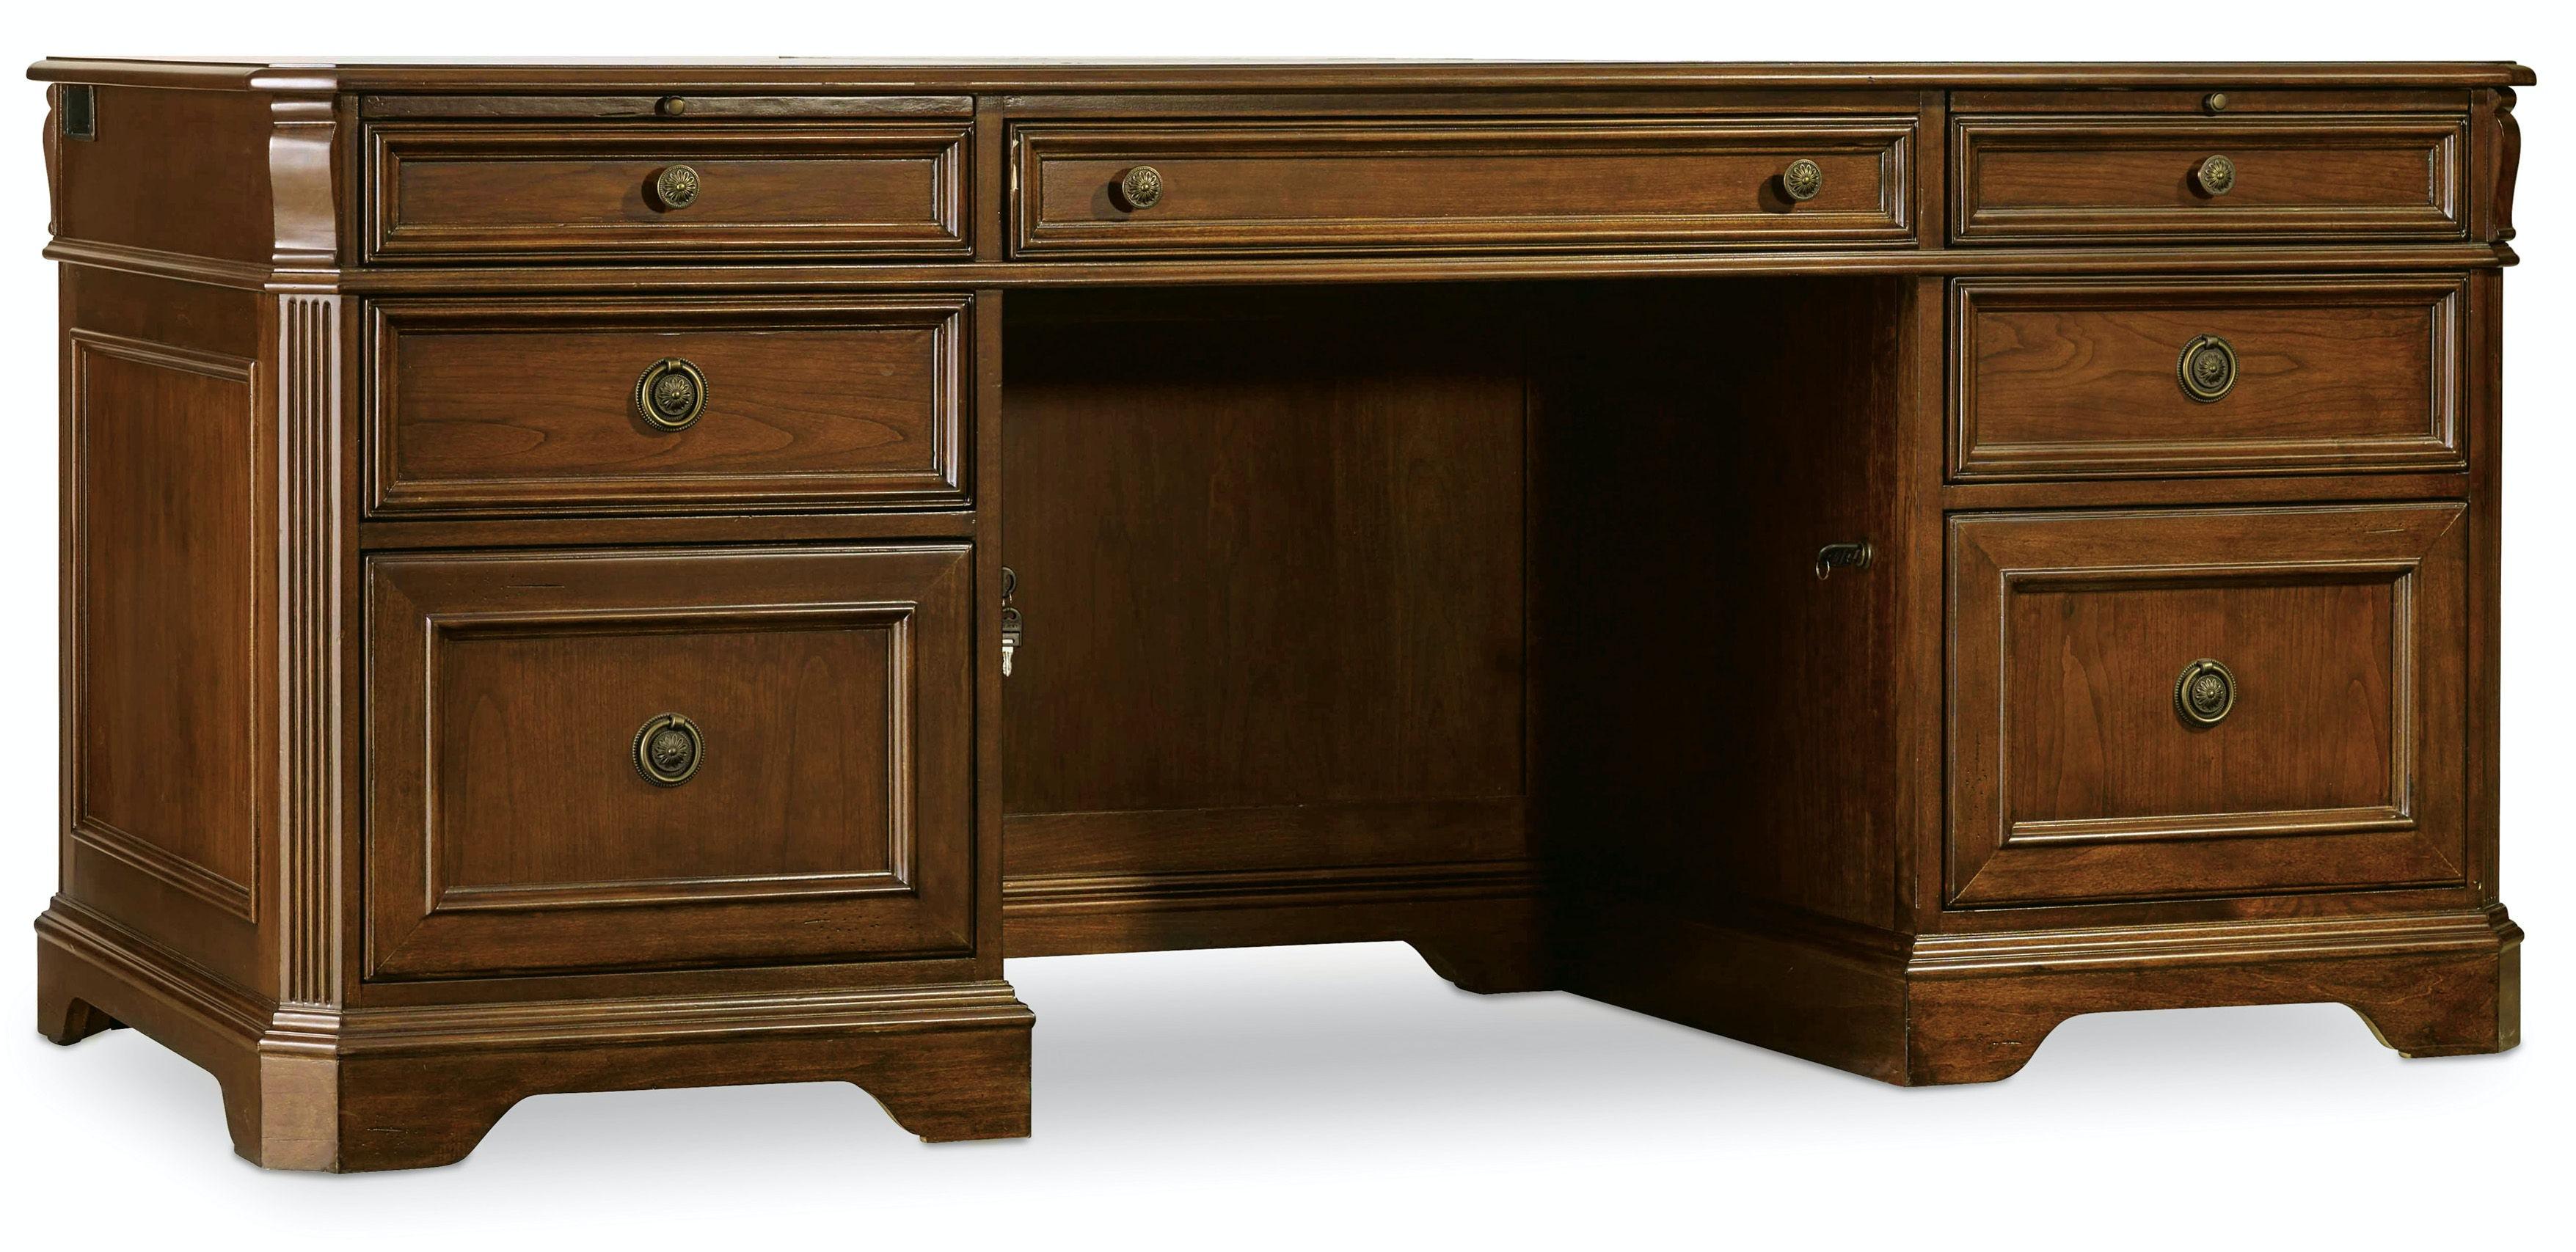 Hooker Furniture Brookhaven Executive Desk 281 10 583